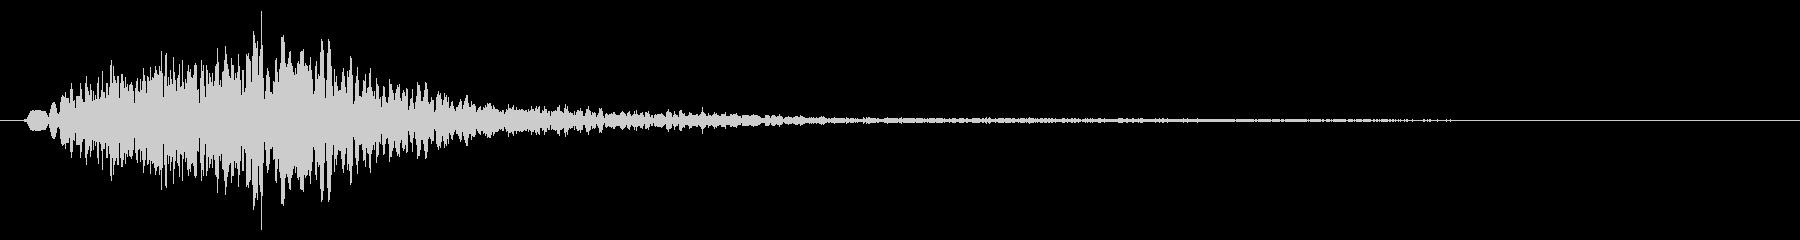 キャラン(高音の金属弦・鍵盤を弾いた音)の未再生の波形